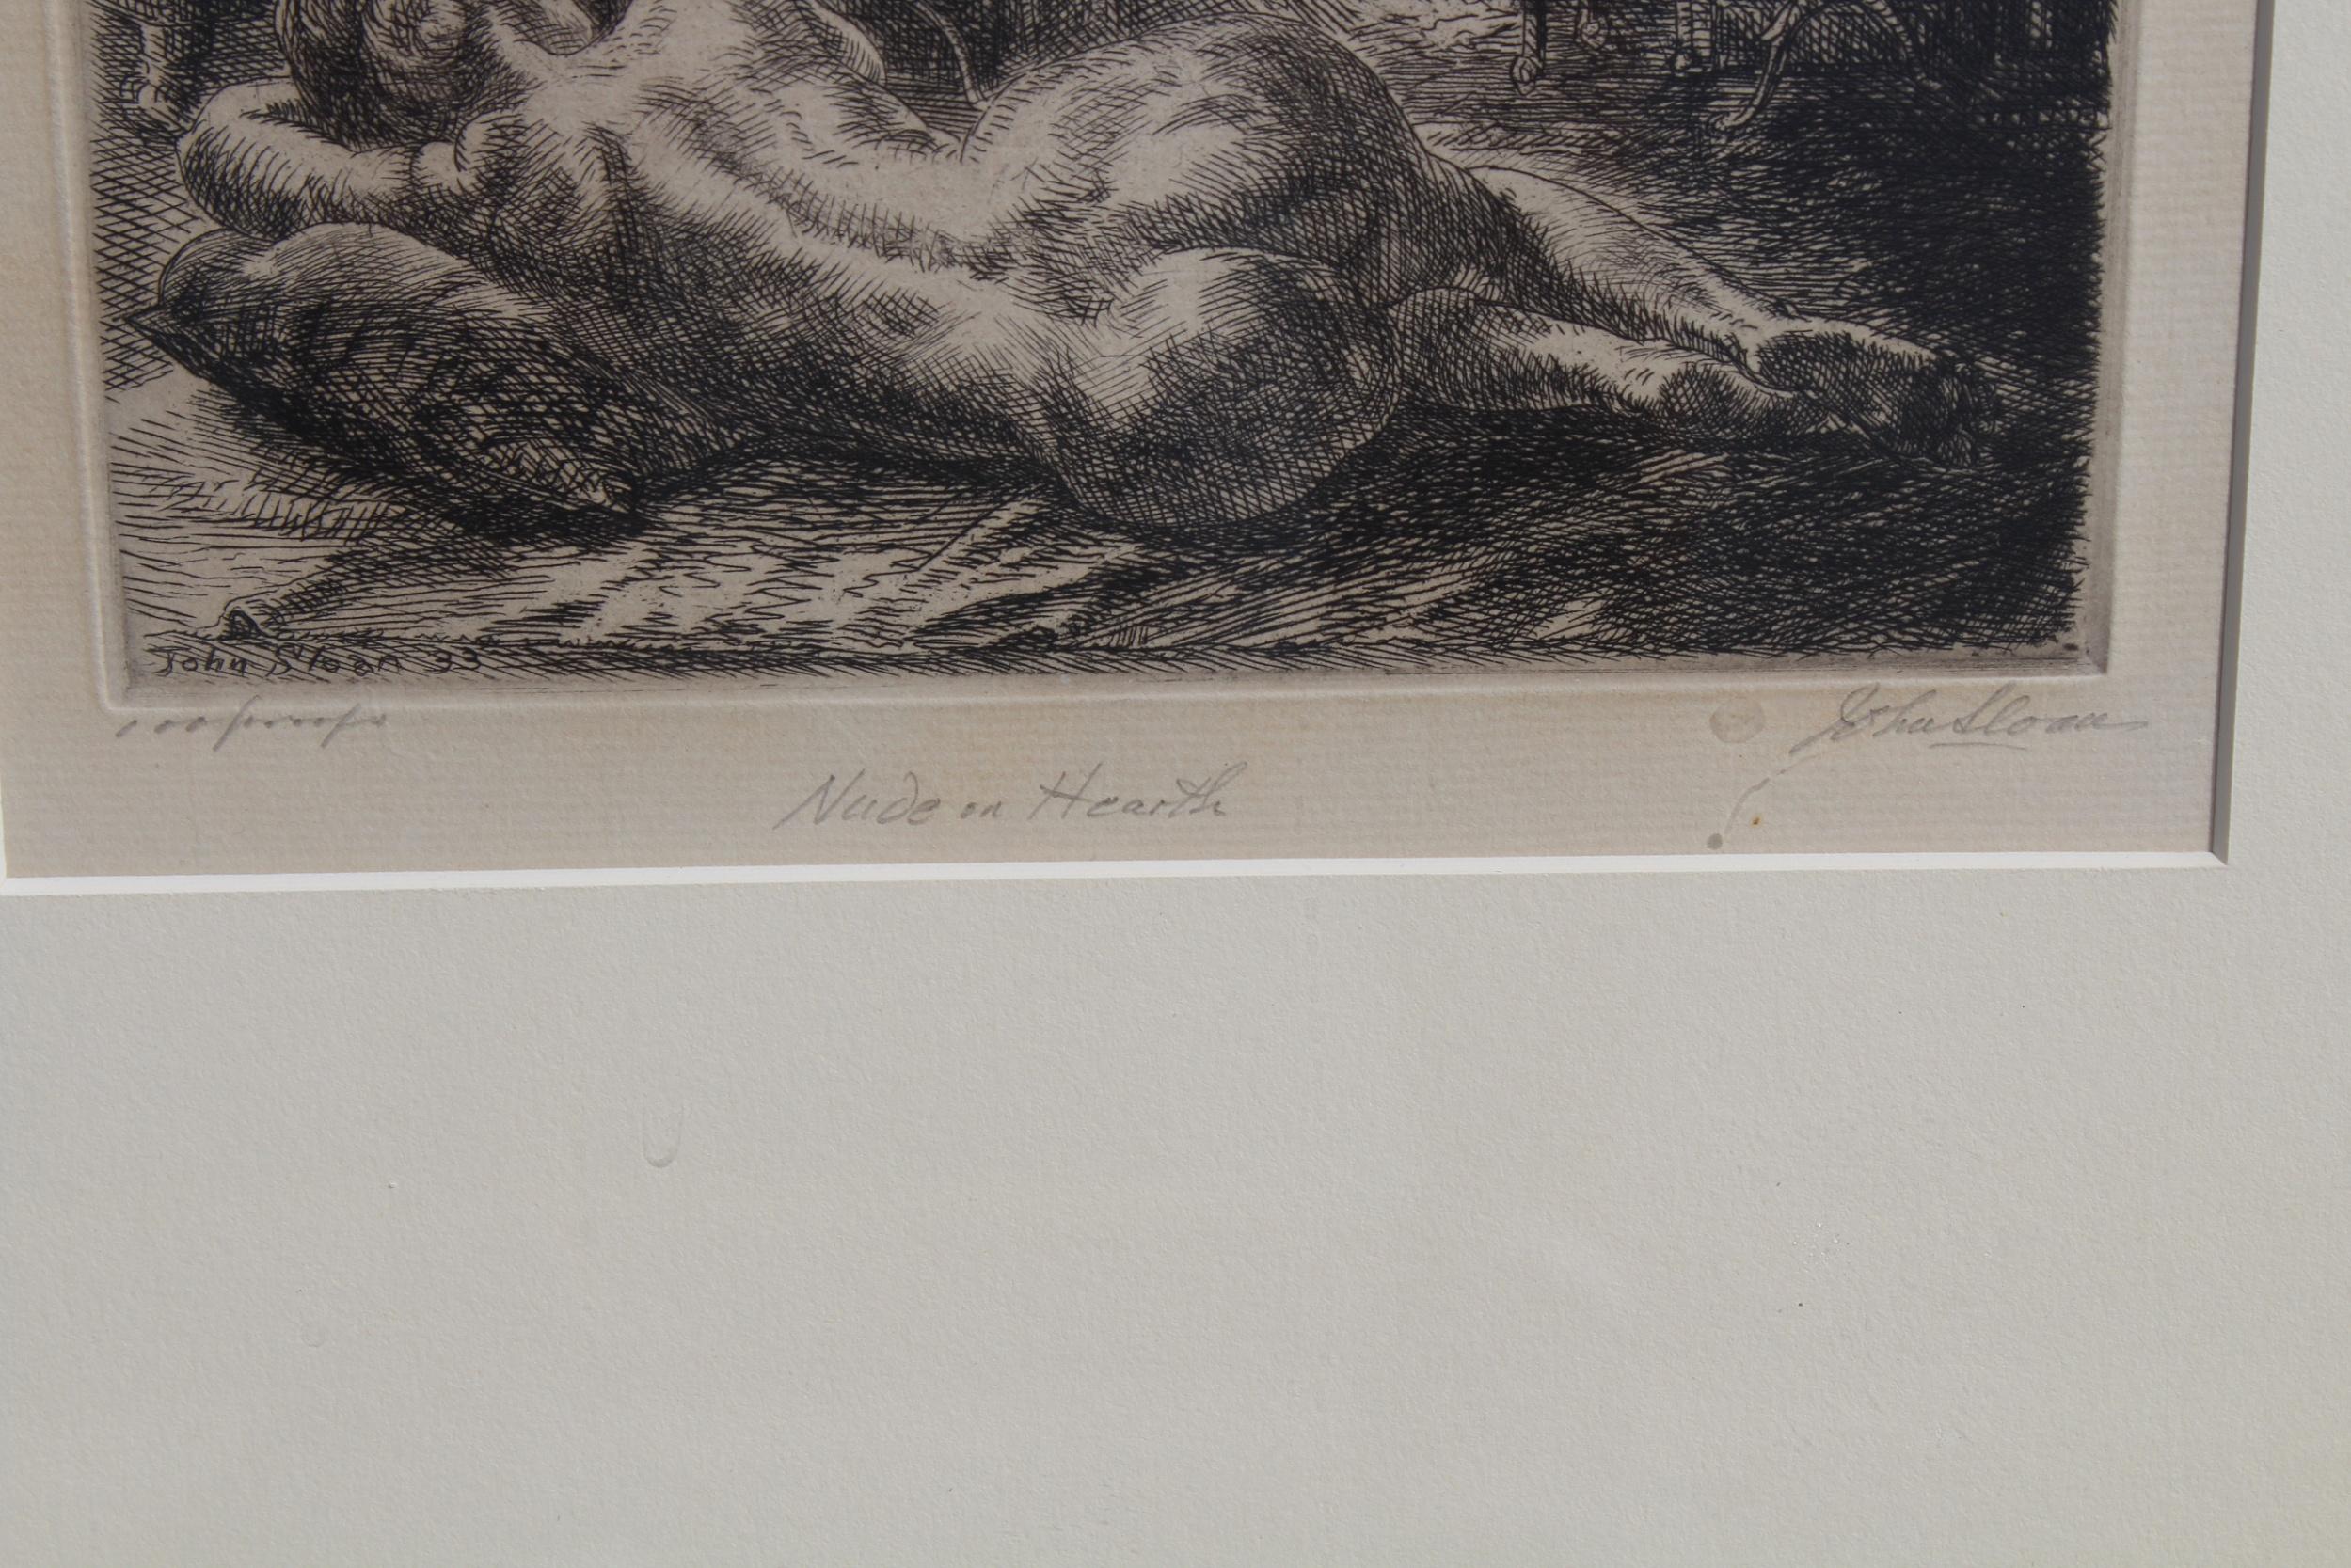 John Sloan (1871 - 1951) Nude Etching - Image 3 of 4